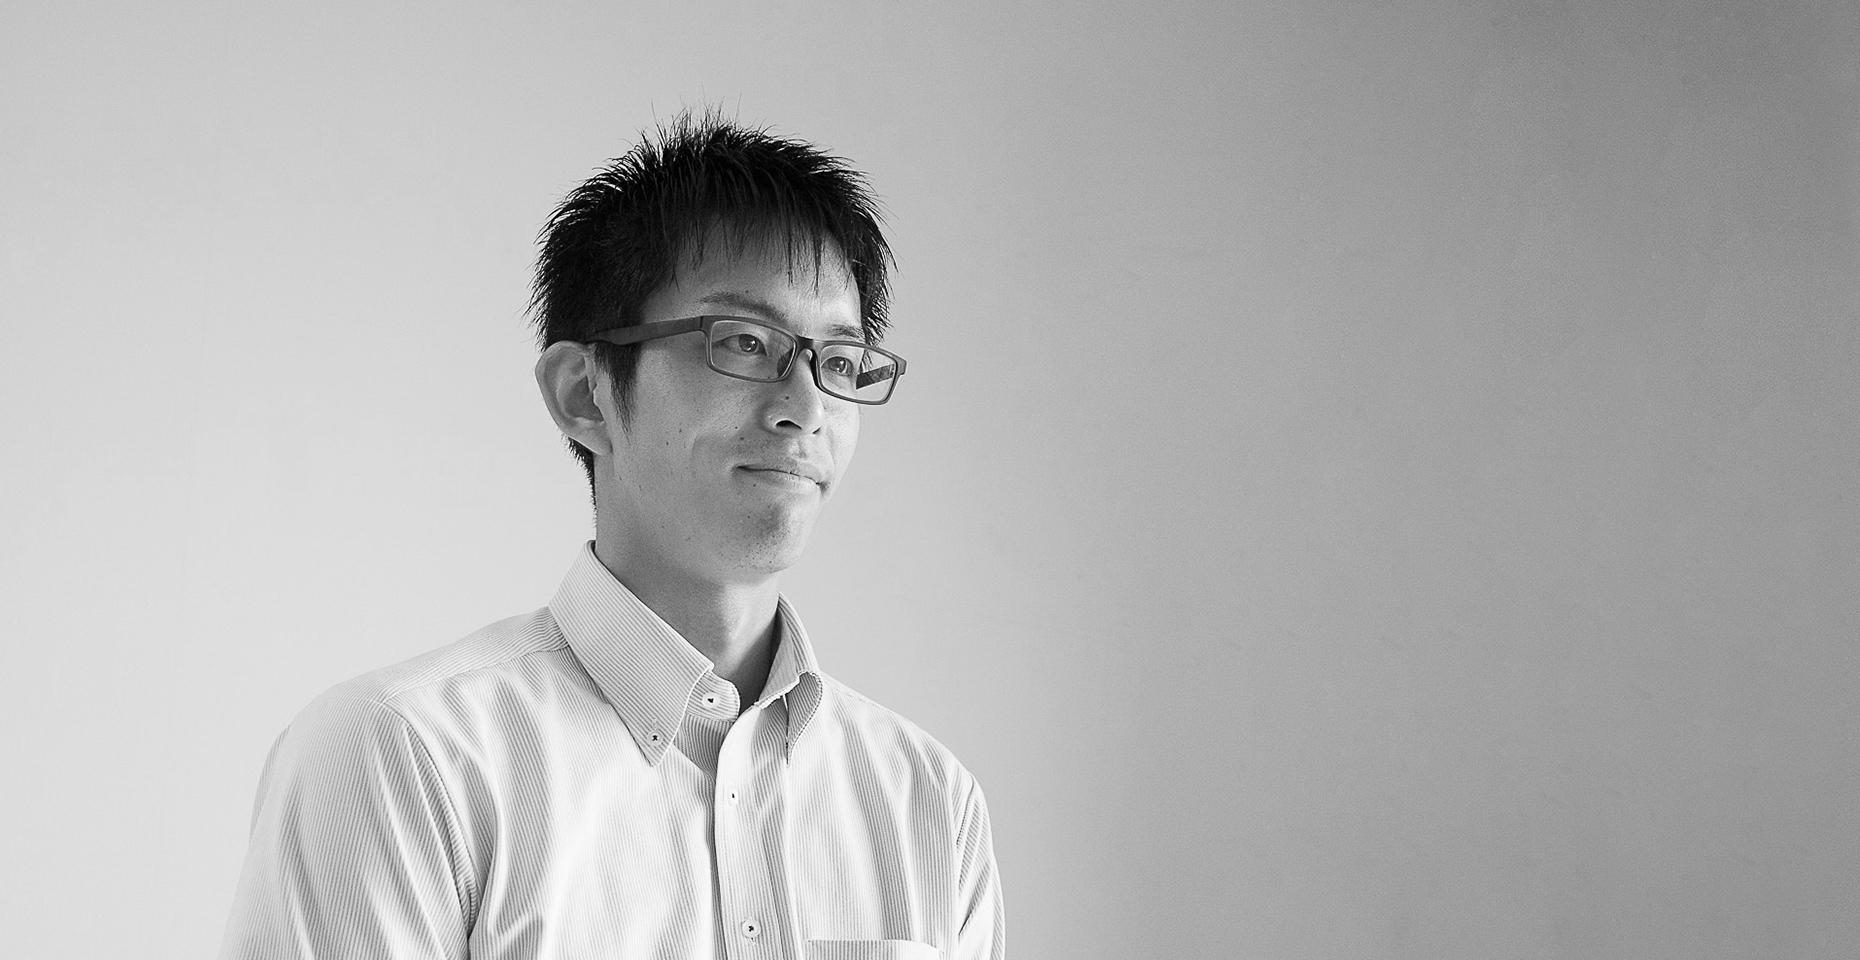 イメージ:>齊藤 慎也